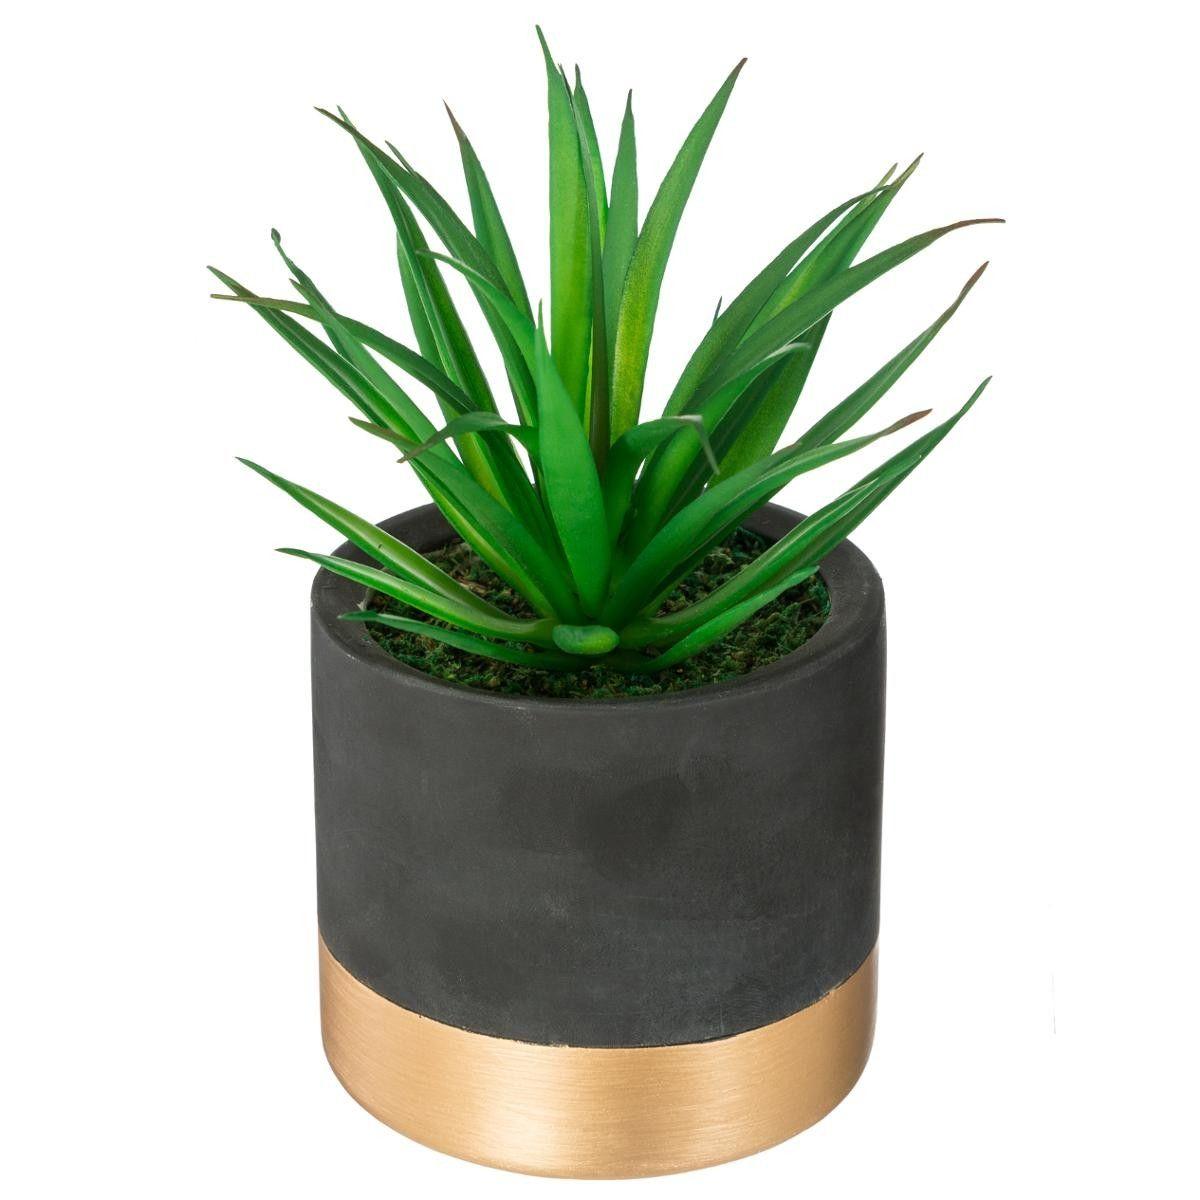 Pot De Plante Pas Cher plante verte & pot en ciment doré h18 en cours - atmosphera